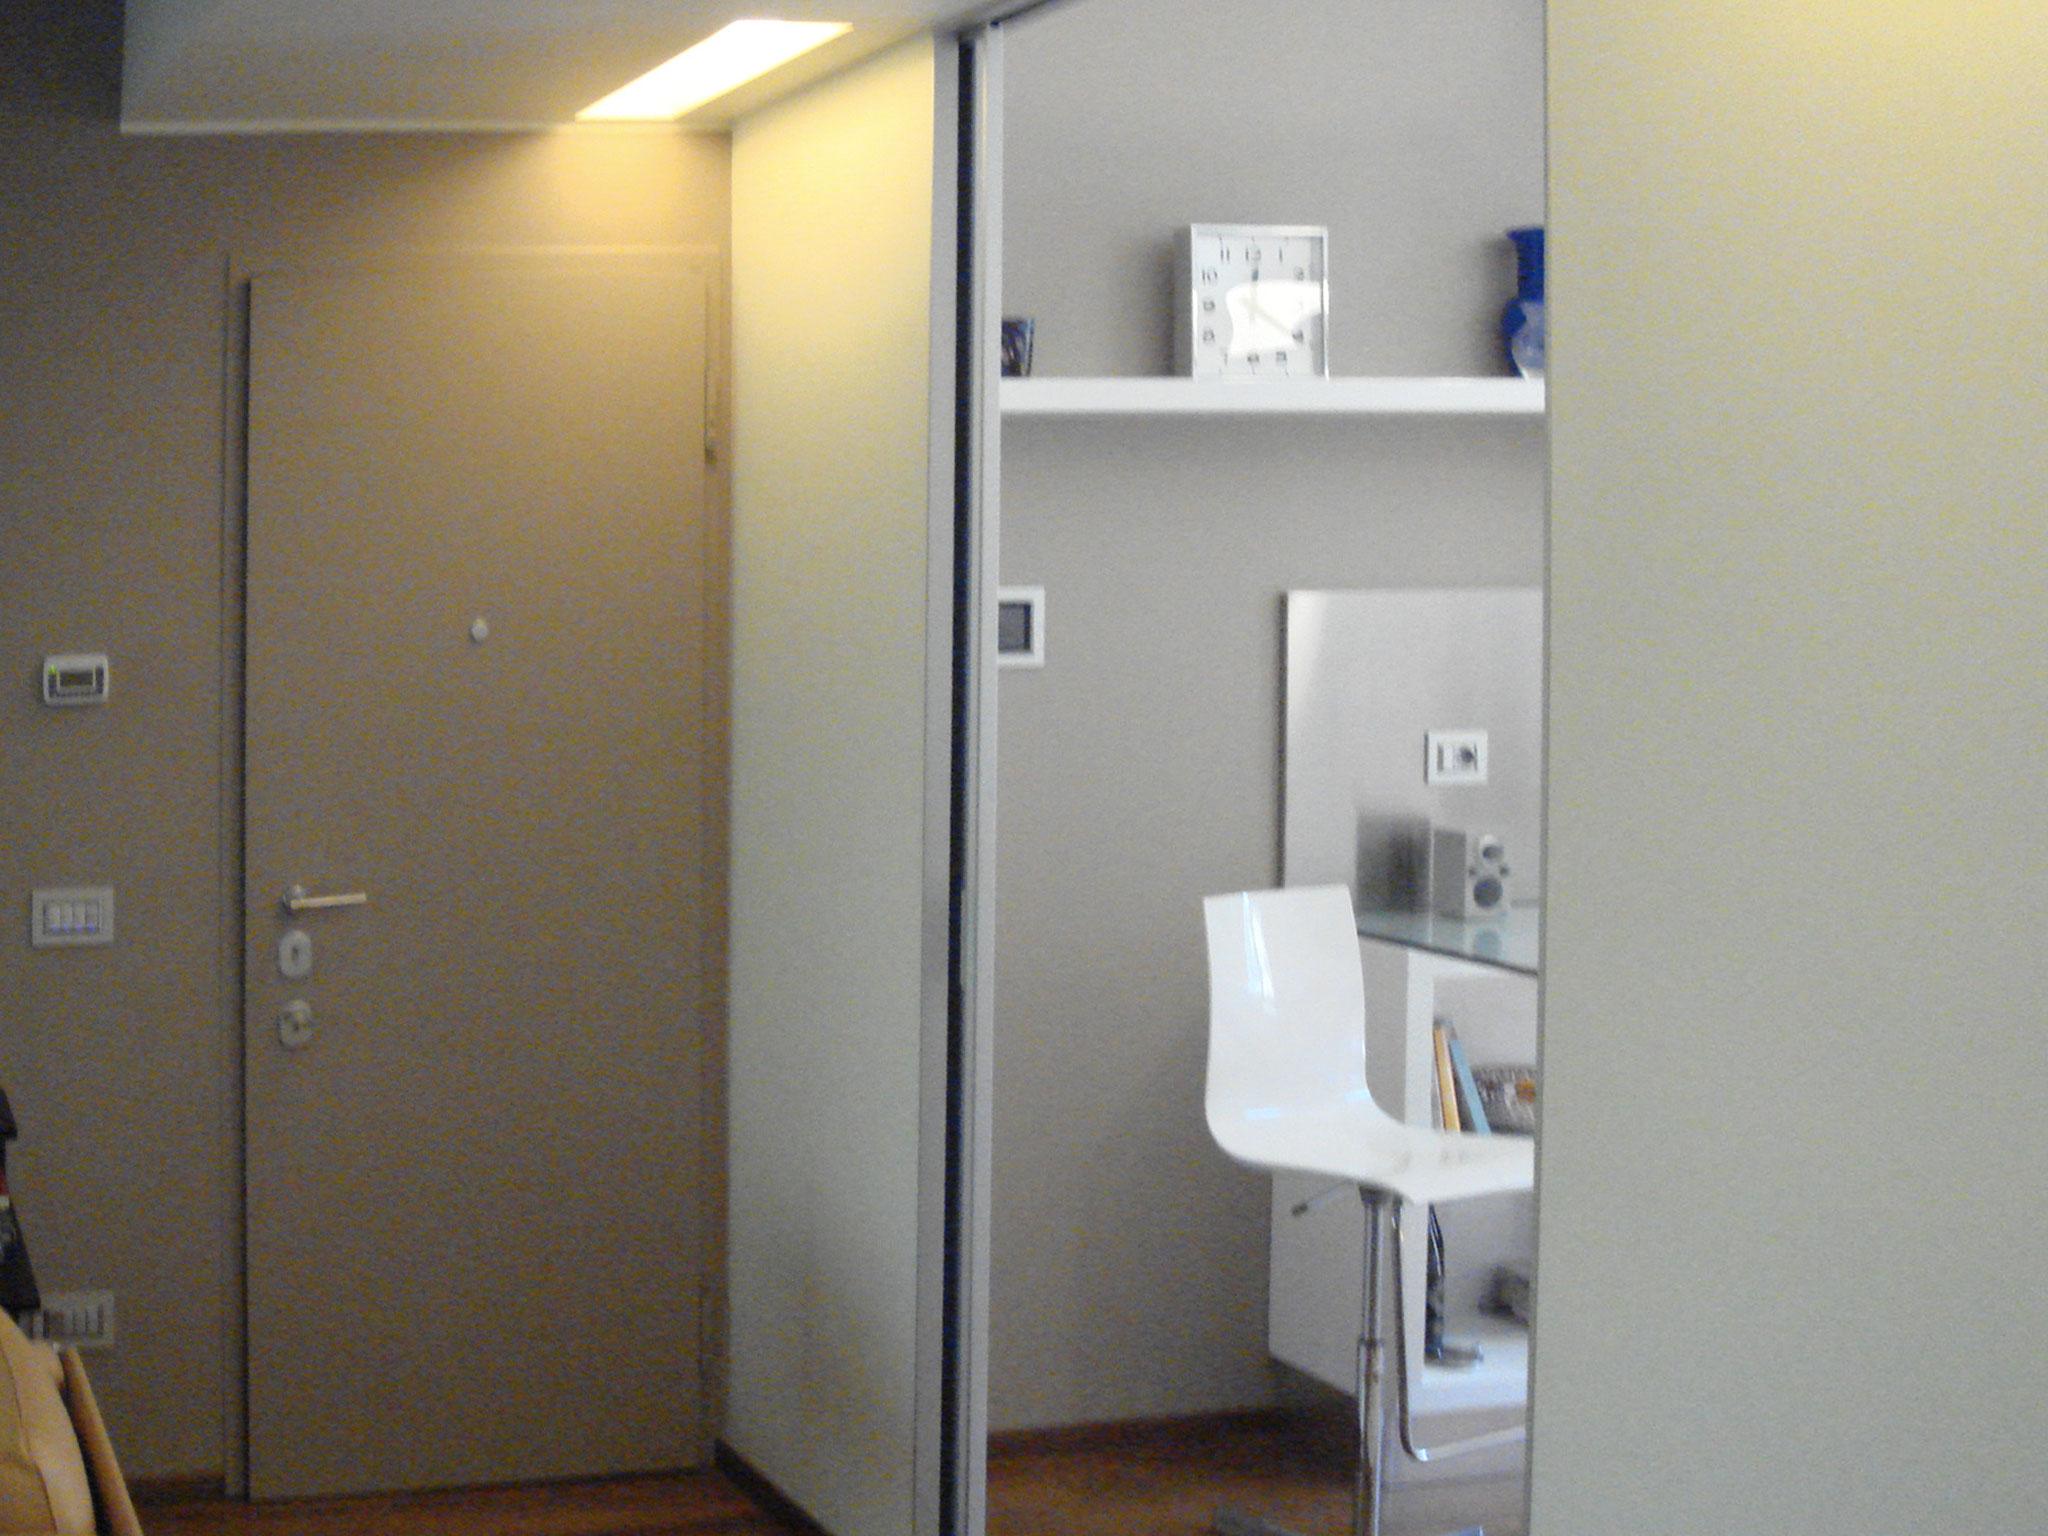 4. Installazione di porta scorrevole Rimadesio in telaio doppio Scrigno Essential: lavori ultimati.